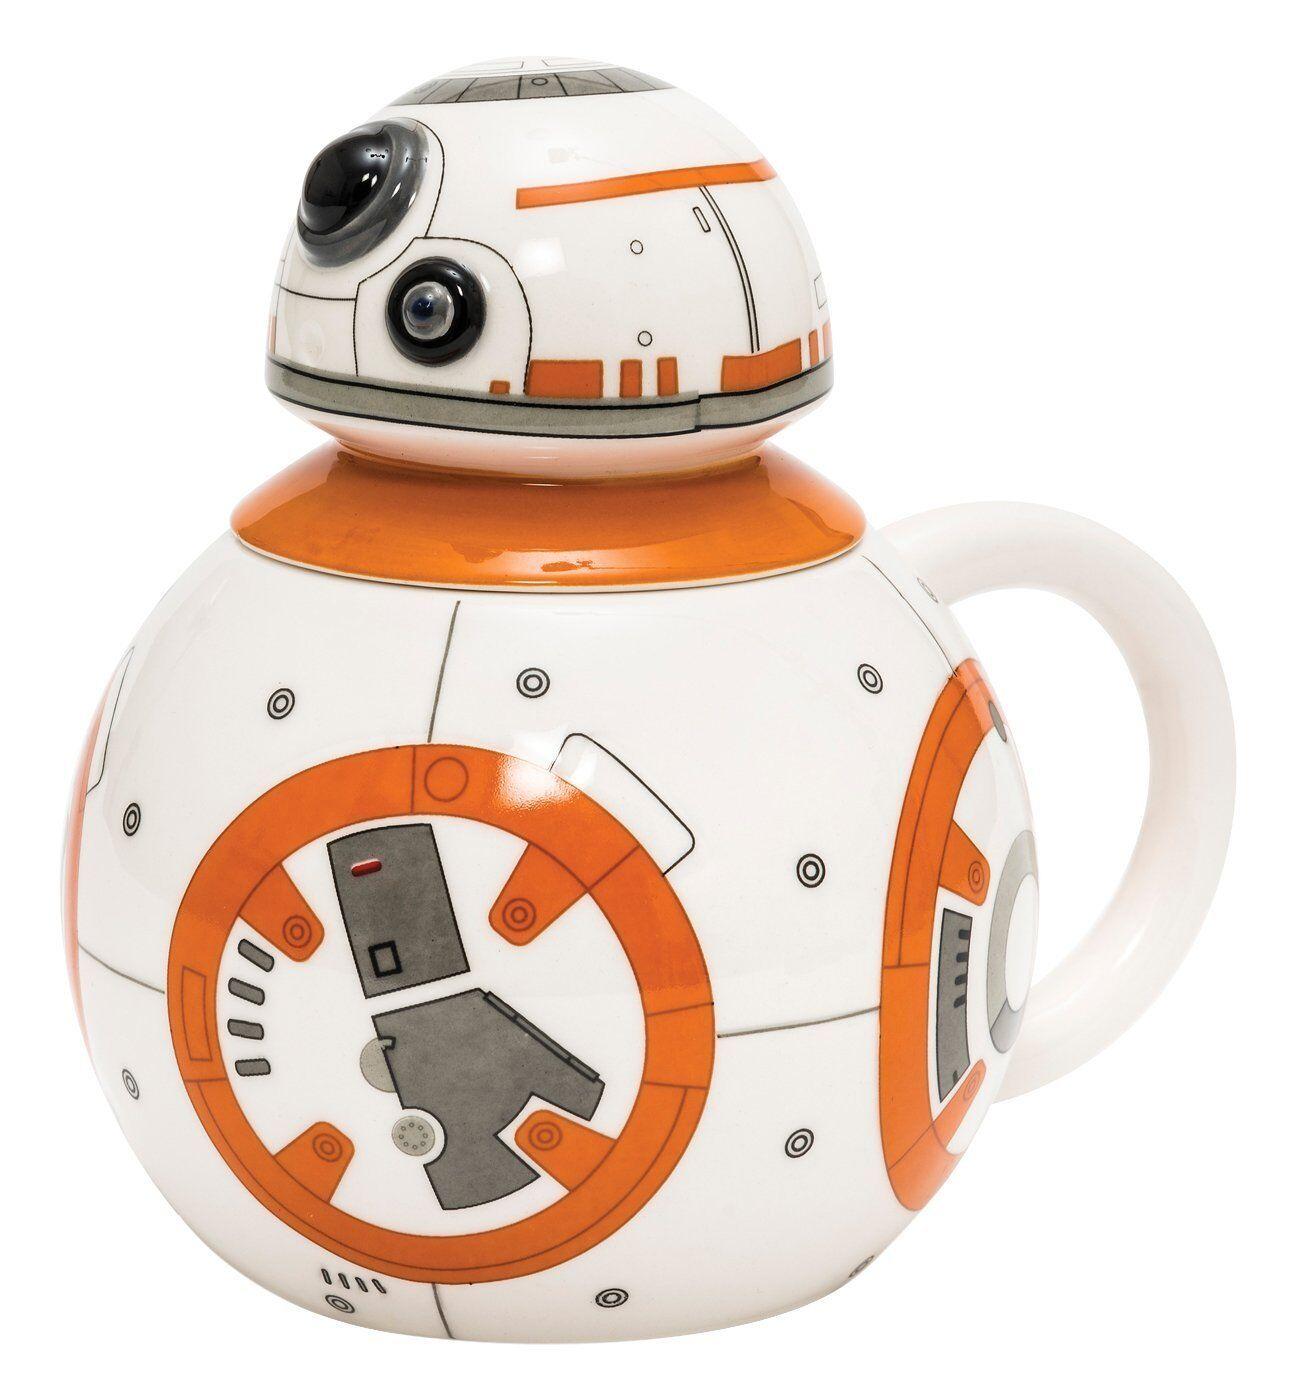 Star Wars Tasse de Céramique Design de Bb-8 en Céramique Haute Qualité Decora